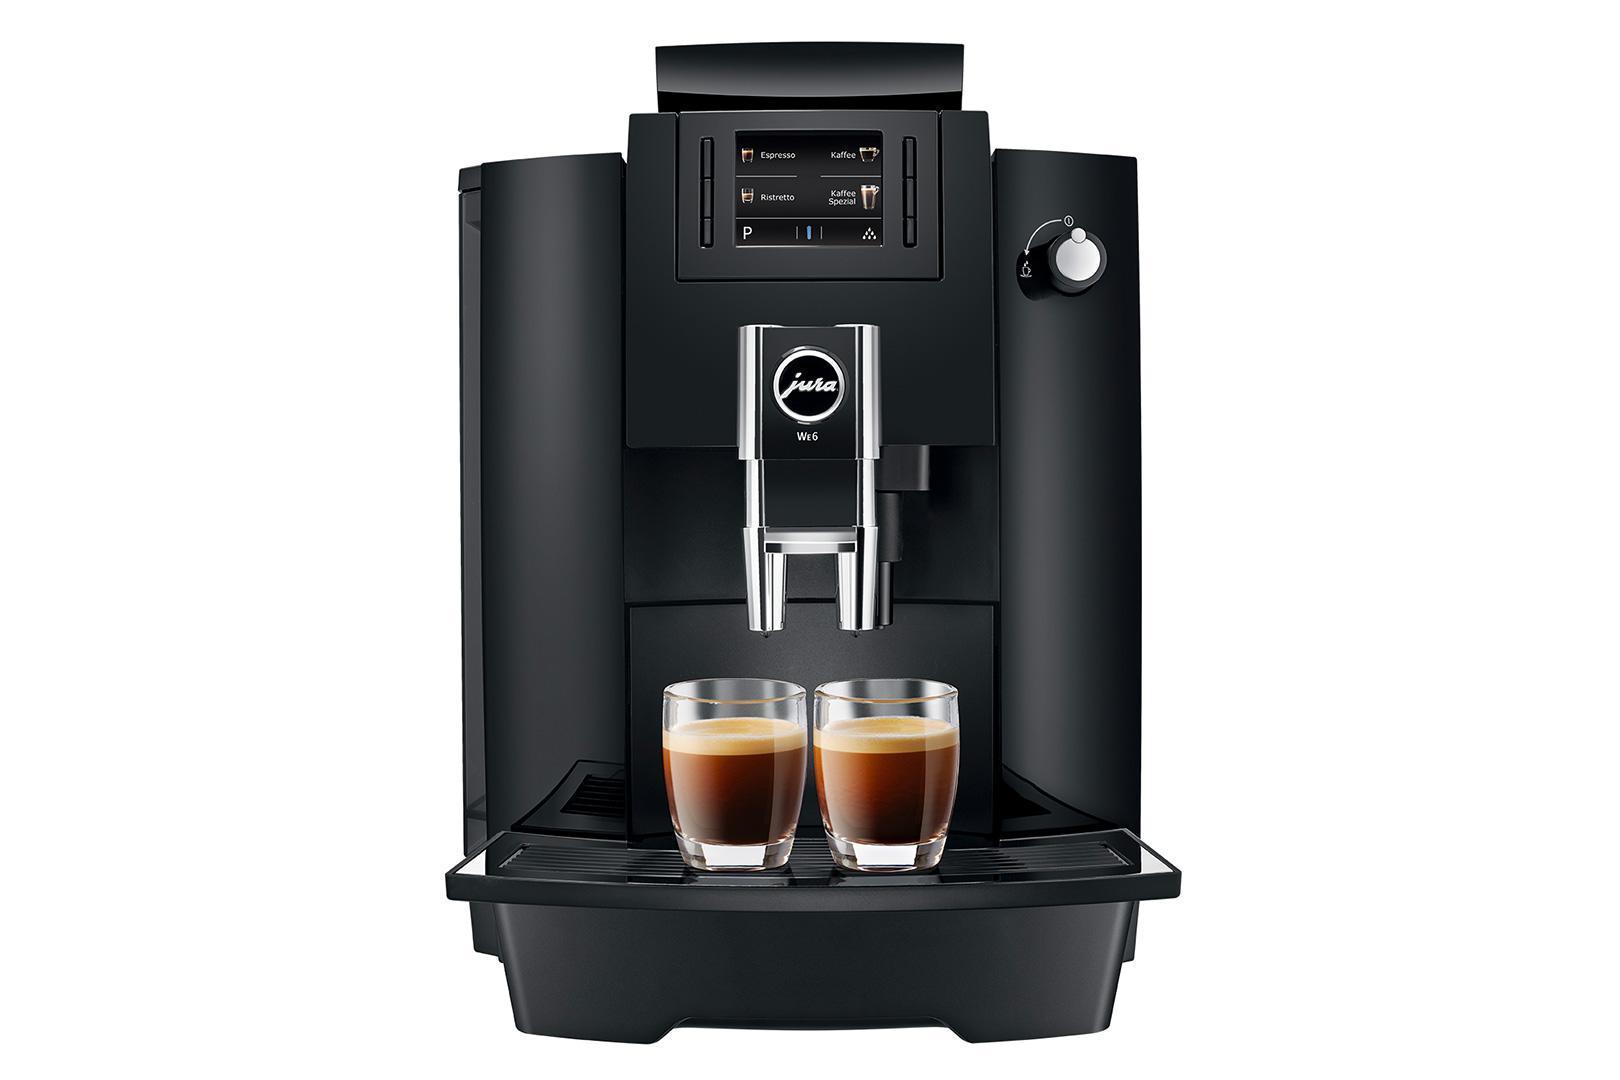 Plně automatický kávovar Jura WE6 pro přípravu espressa